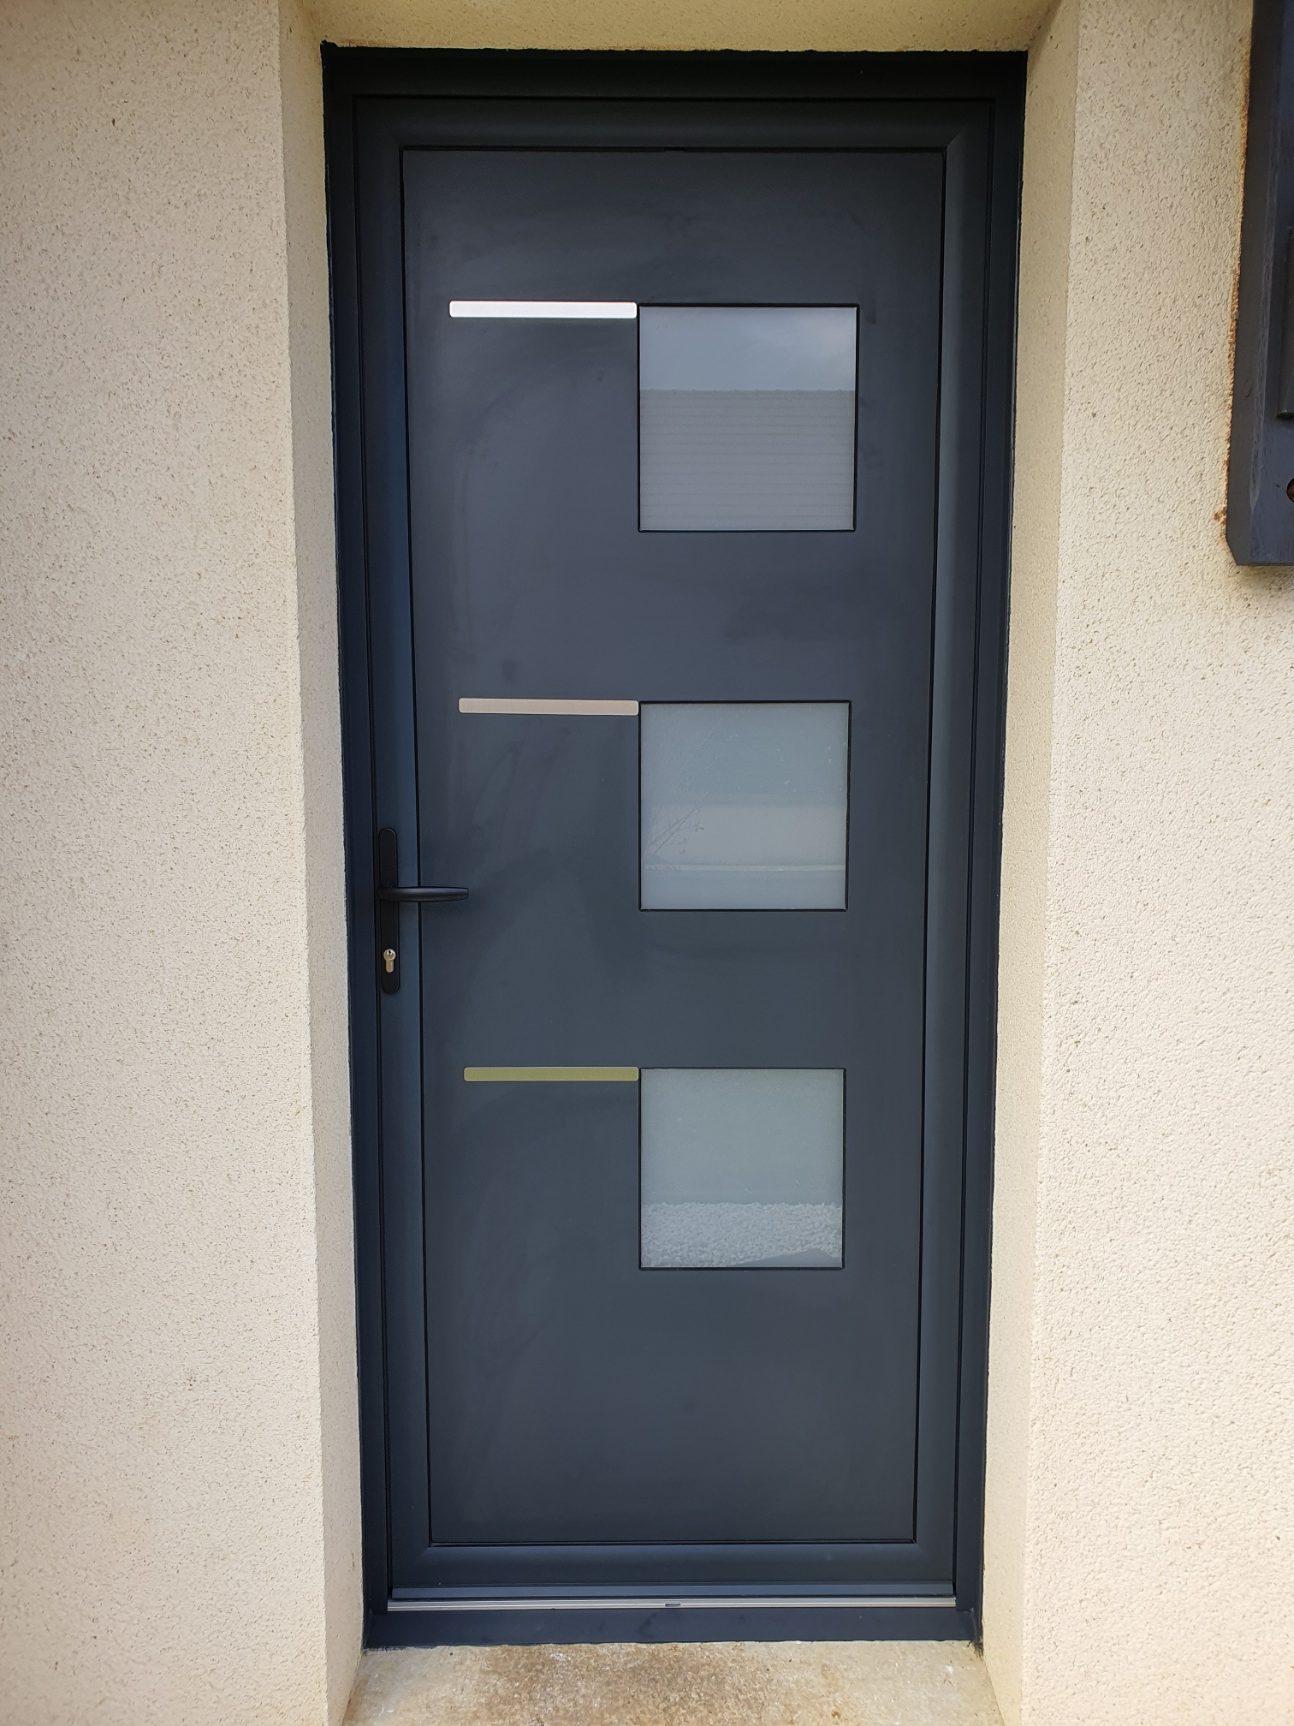 Porte aluminum - Selmir agencement à Falaise